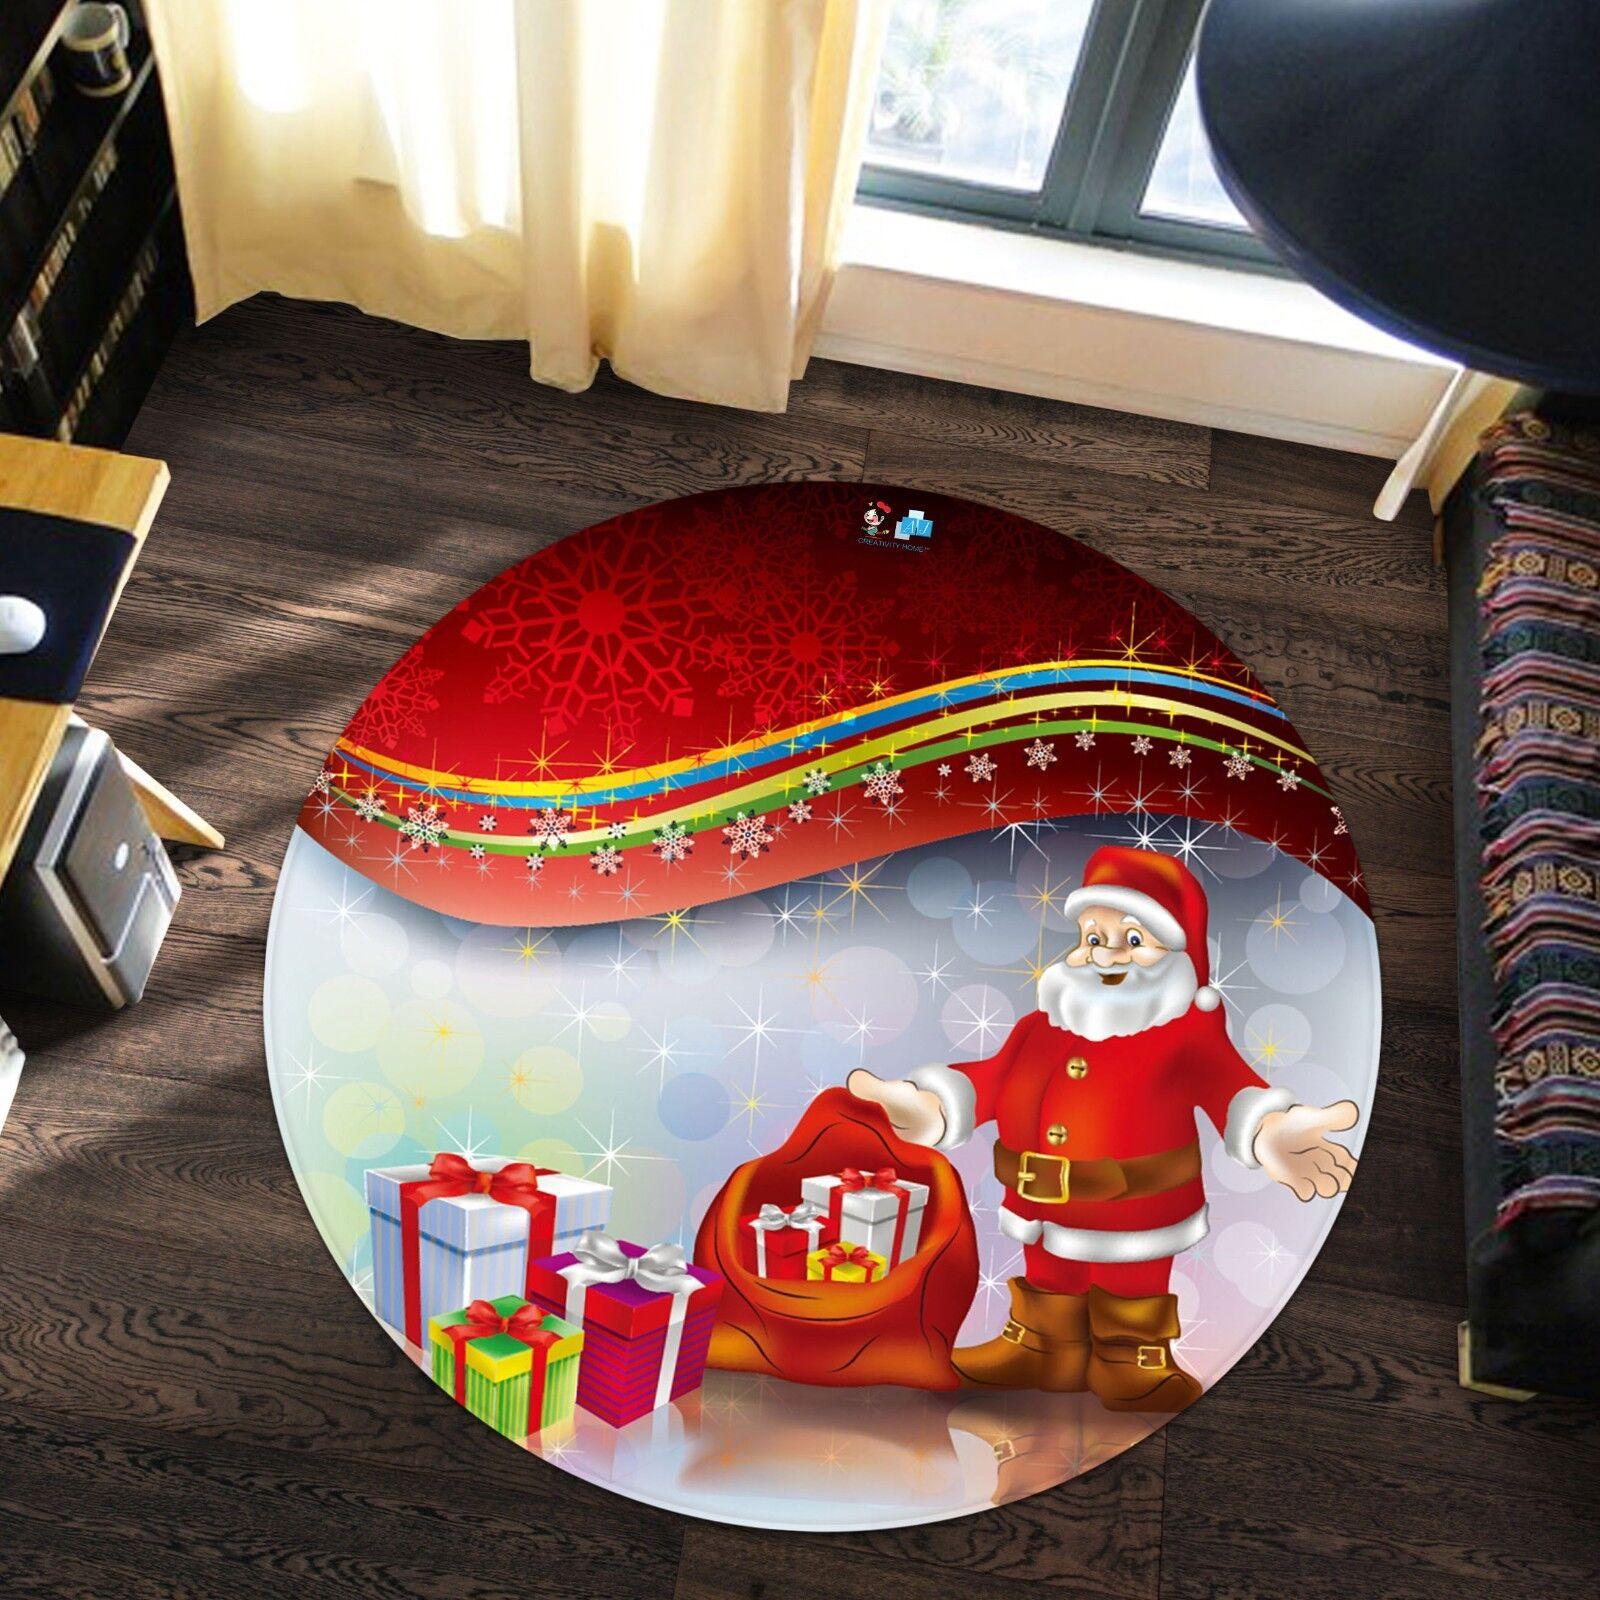 3D 3D 3D Weihnachten Xmas 637 Rutschfest Teppich Matte Raum Runden Elegant Teppich DE 816069